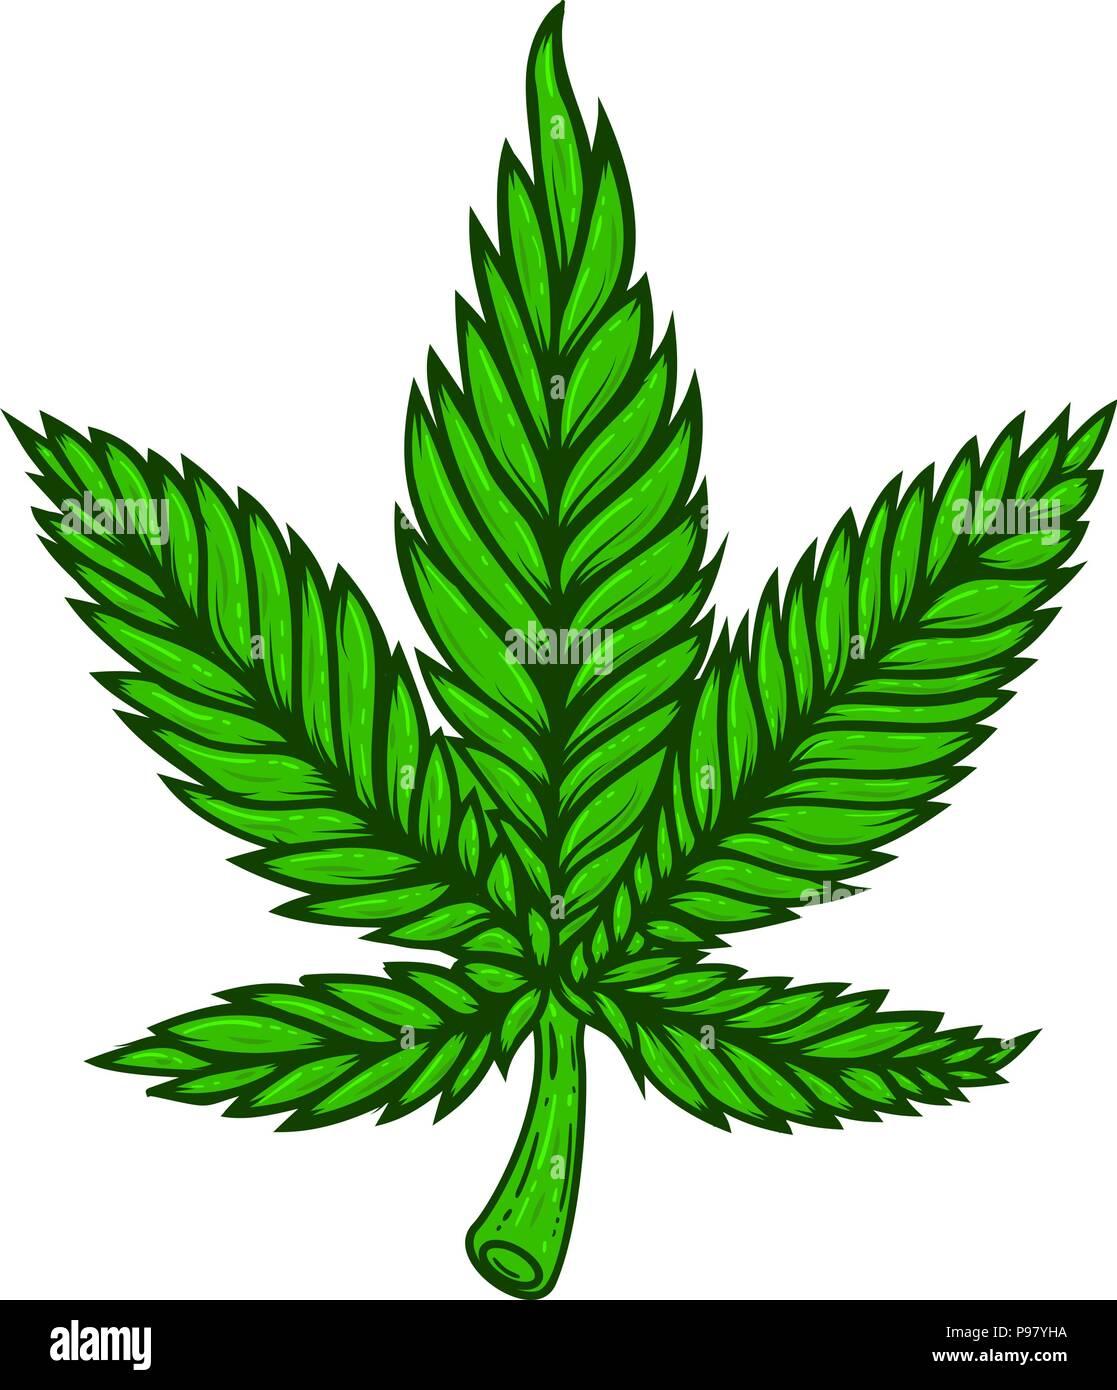 Illustration De La Feuille Cannabis Sur Fond Blanc Lelement Conception Pour Poster Carte Visite Banniere T Shirt Image Vectorielle